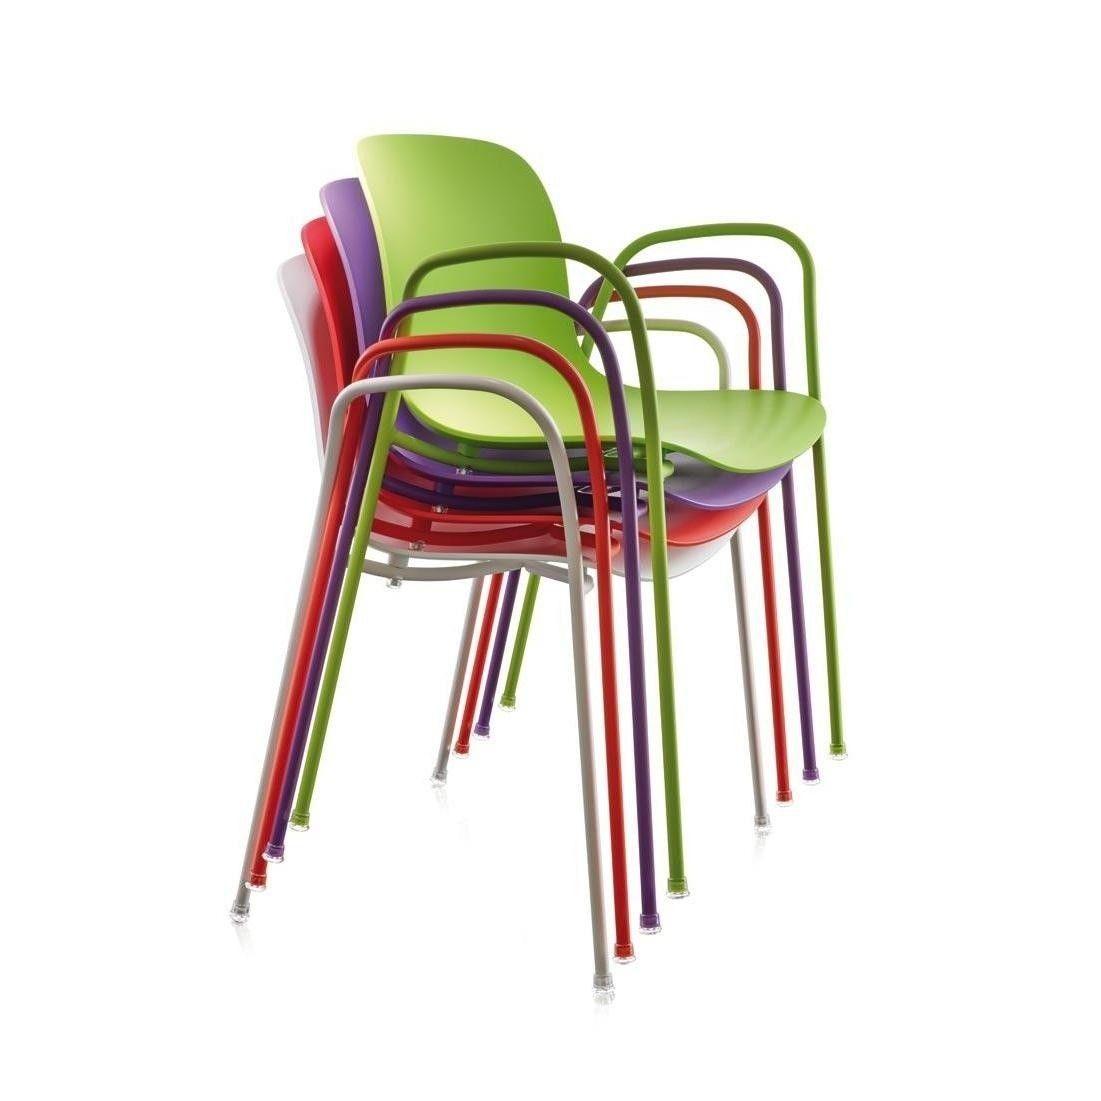 Troy set de 4 sillas con cojines magis - Cojines para silla ...